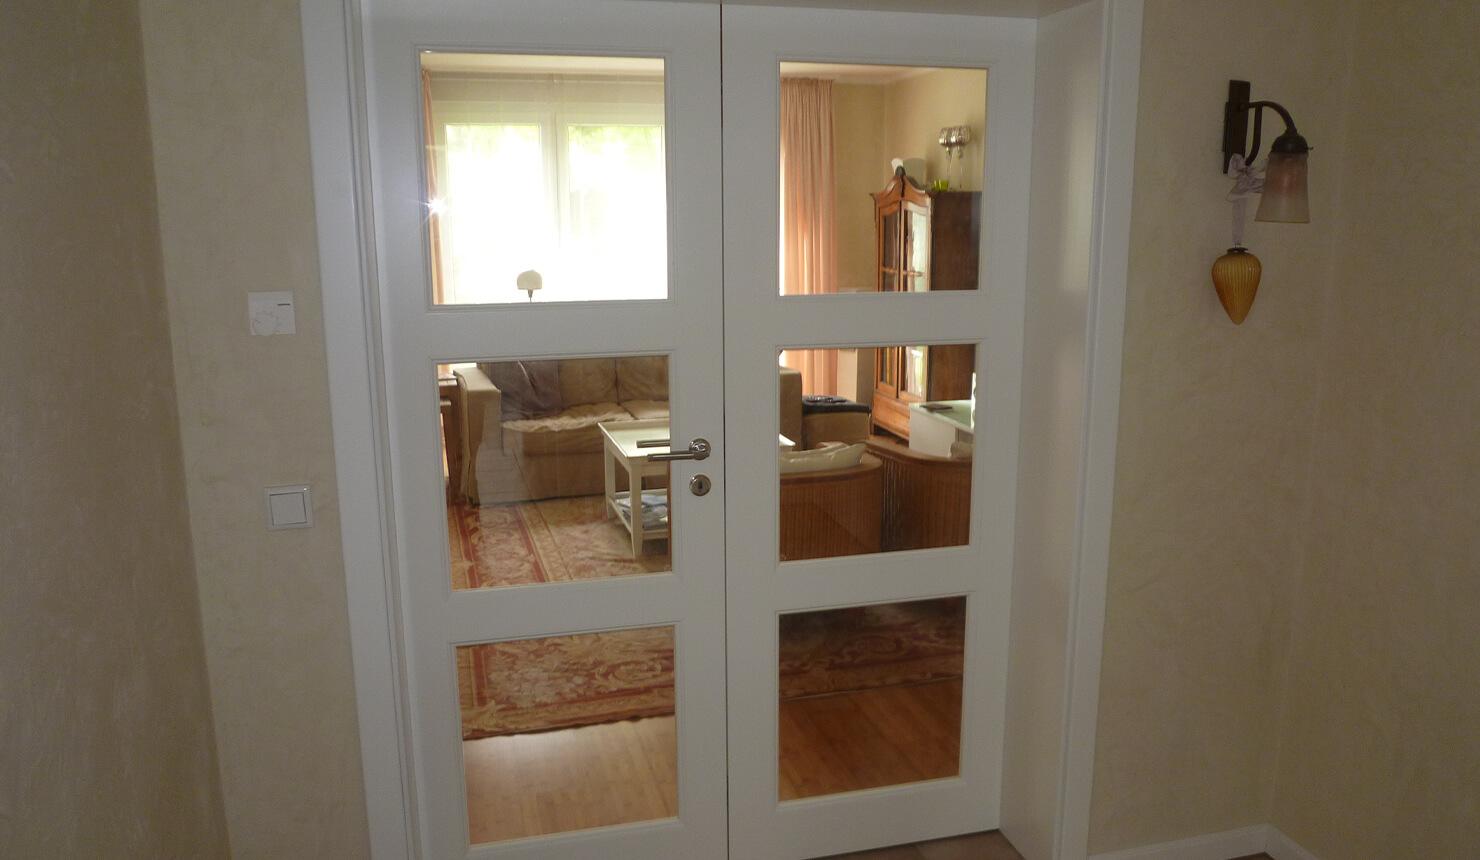 Weiße Doppelflügeltür mit Fenstern für einen schönen Einblick